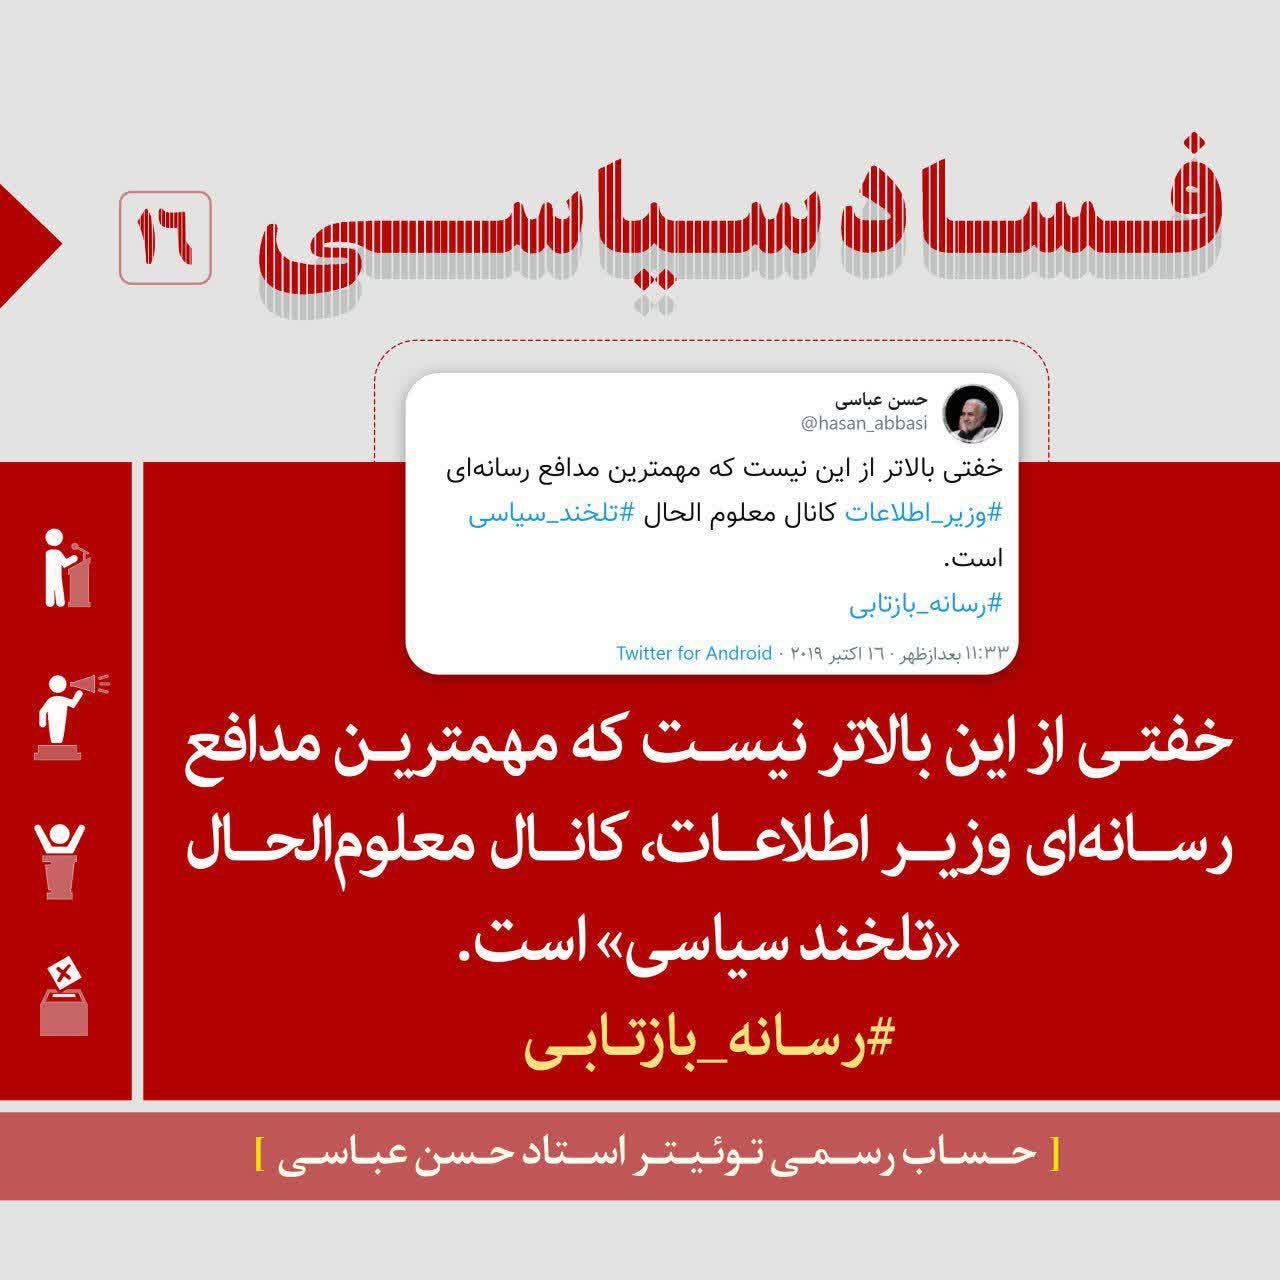 http://dl-abbasi.ir/yekta/1398/Graphic/F_S/Fesad%20Siyasi%20(16).jpg